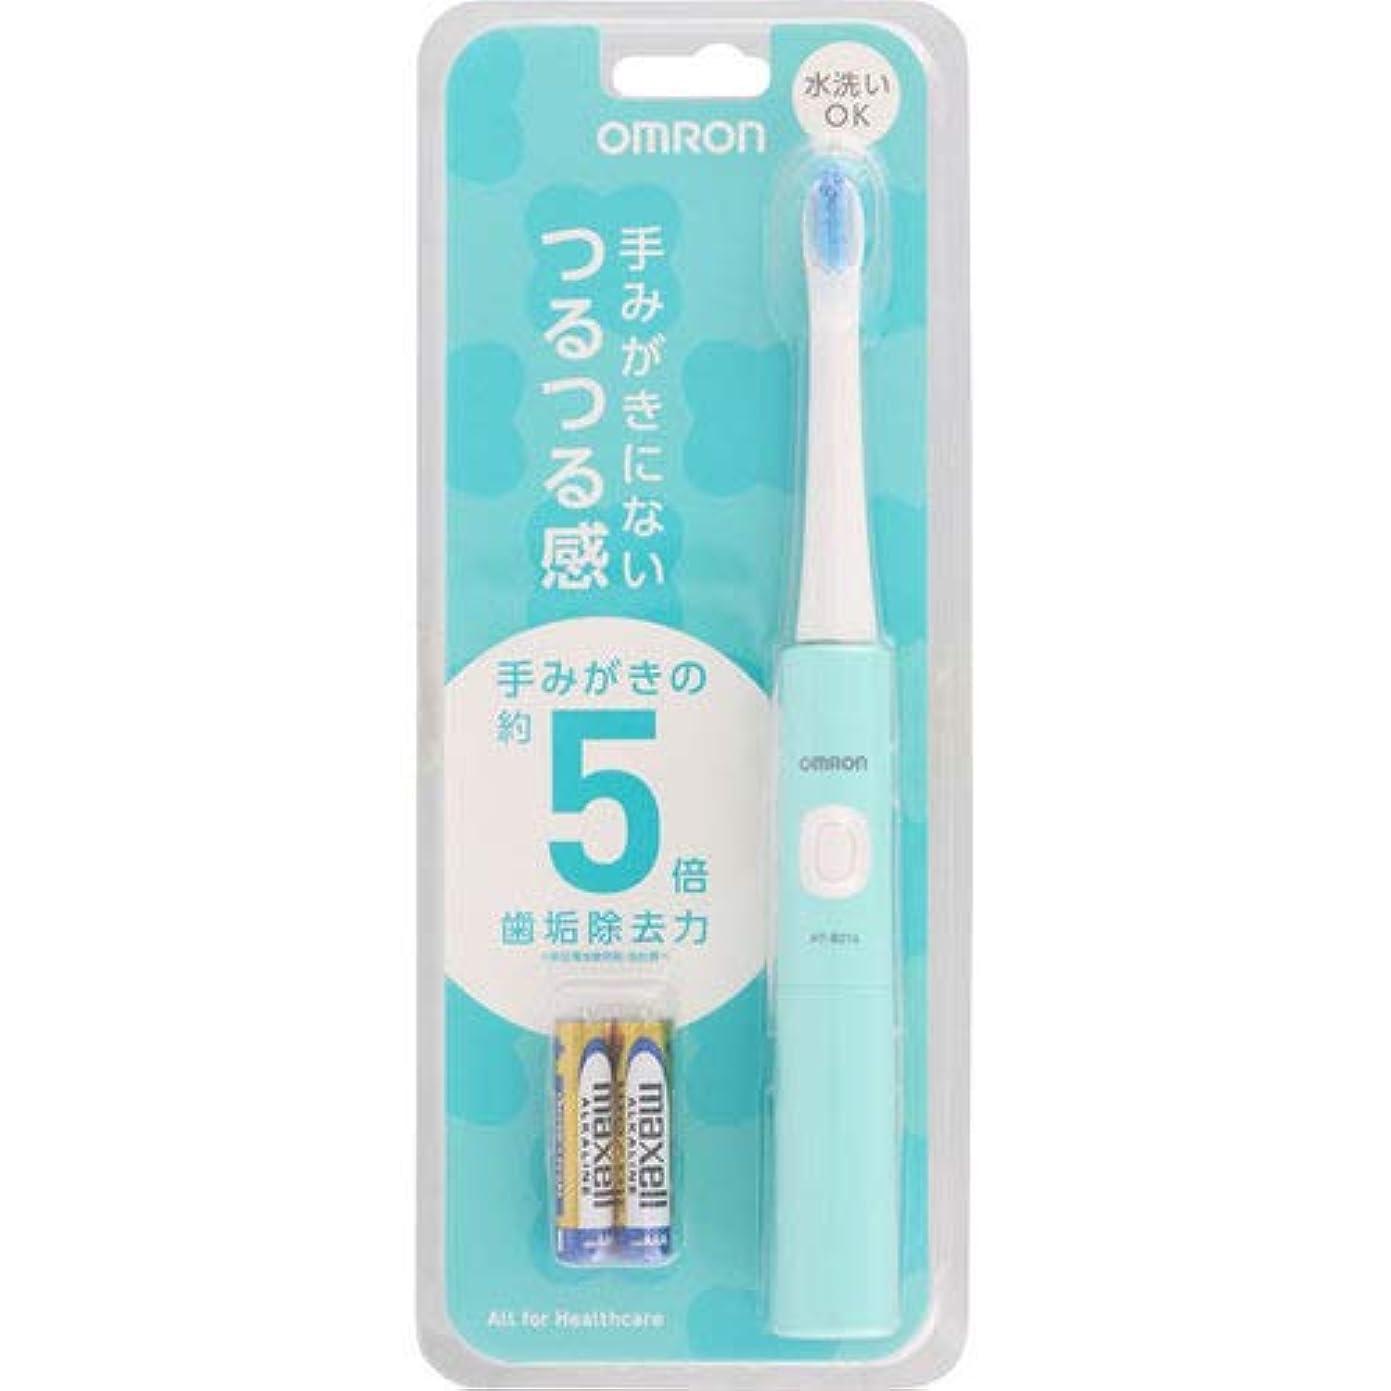 仕事に行く解放分数オムロン 電動歯ブラシ HT-B214-G グリーン 電池式